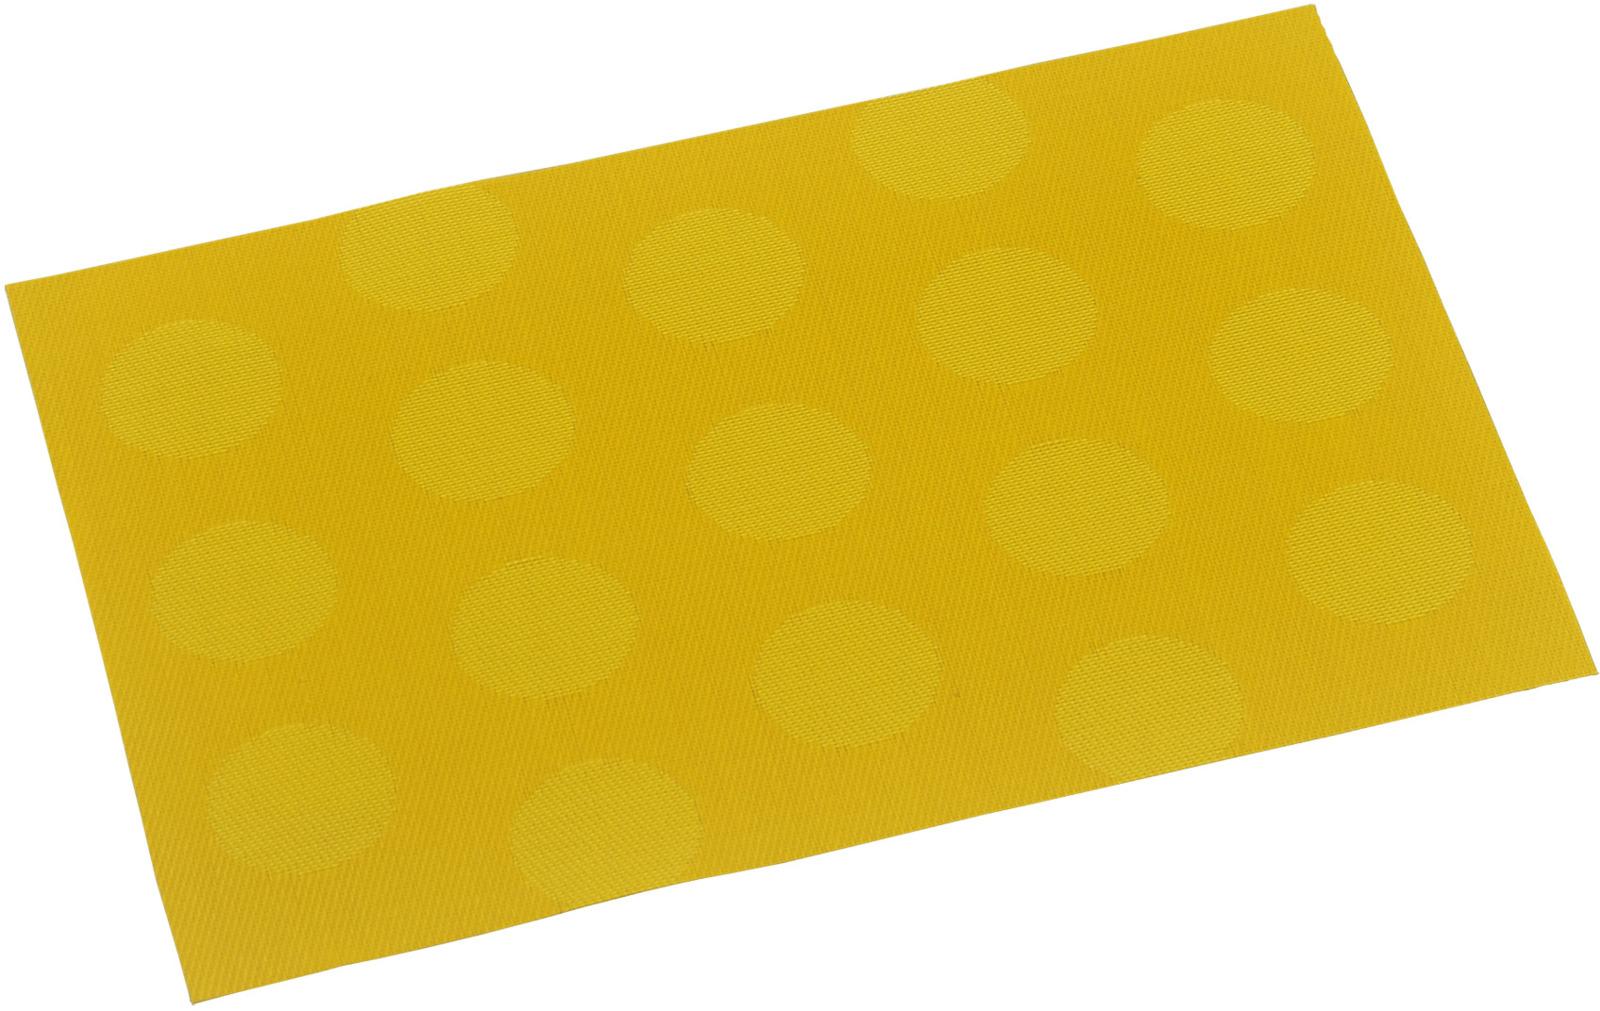 Подставка под горячее Kesper, 7766-5, желтый, 43 х 29 см подставка под горячее paterra силиконовая цвет малиновый 17 5 х 17 5 см